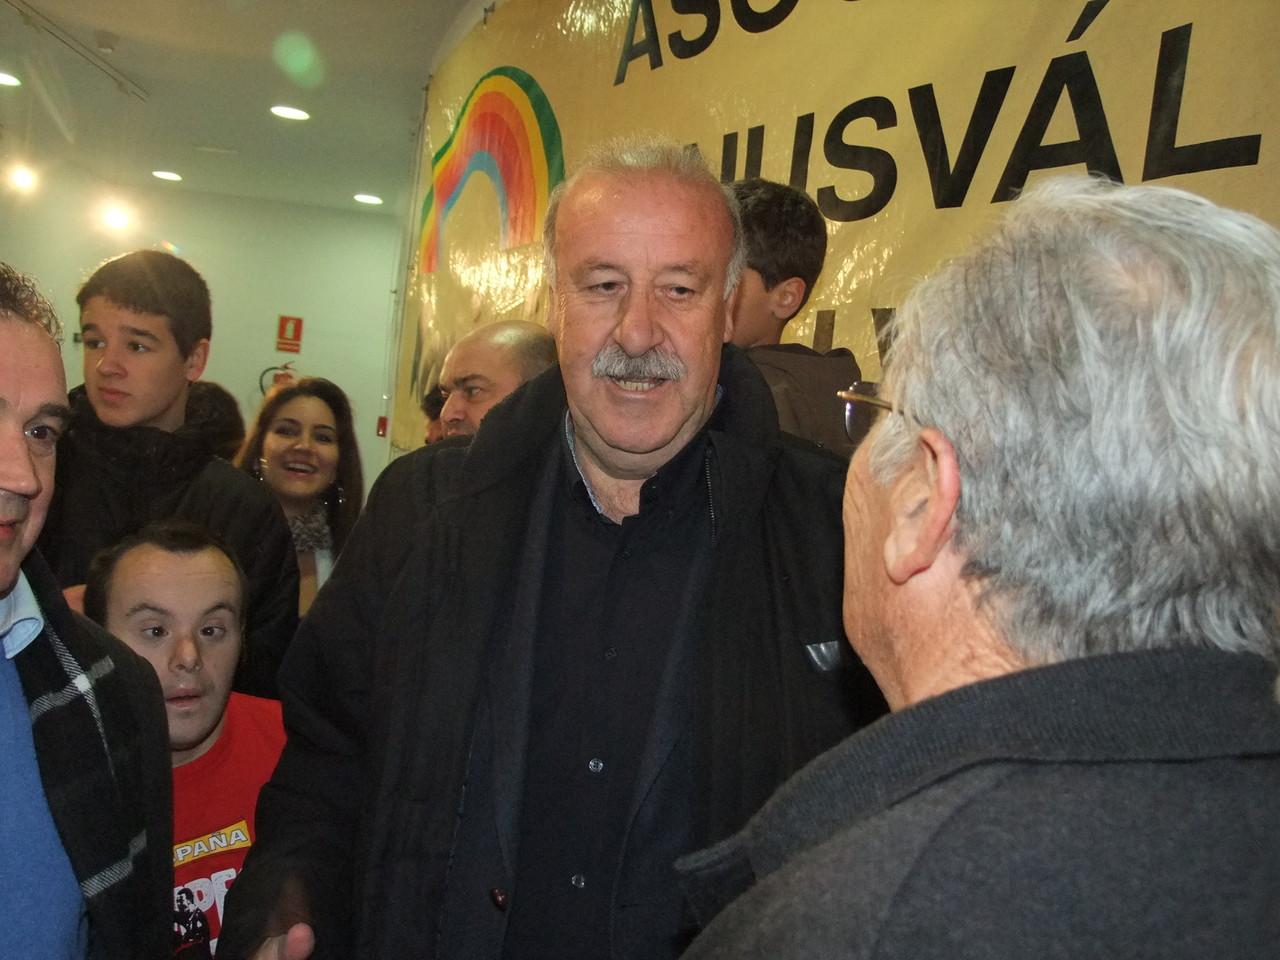 3 de enero de 2013. Visita de Vicente del Bosque a la exposición 'Historia de las Eurocopas' en el Centro Cultural El Madroño (Imagen: Valentín González,Vicus Albus)